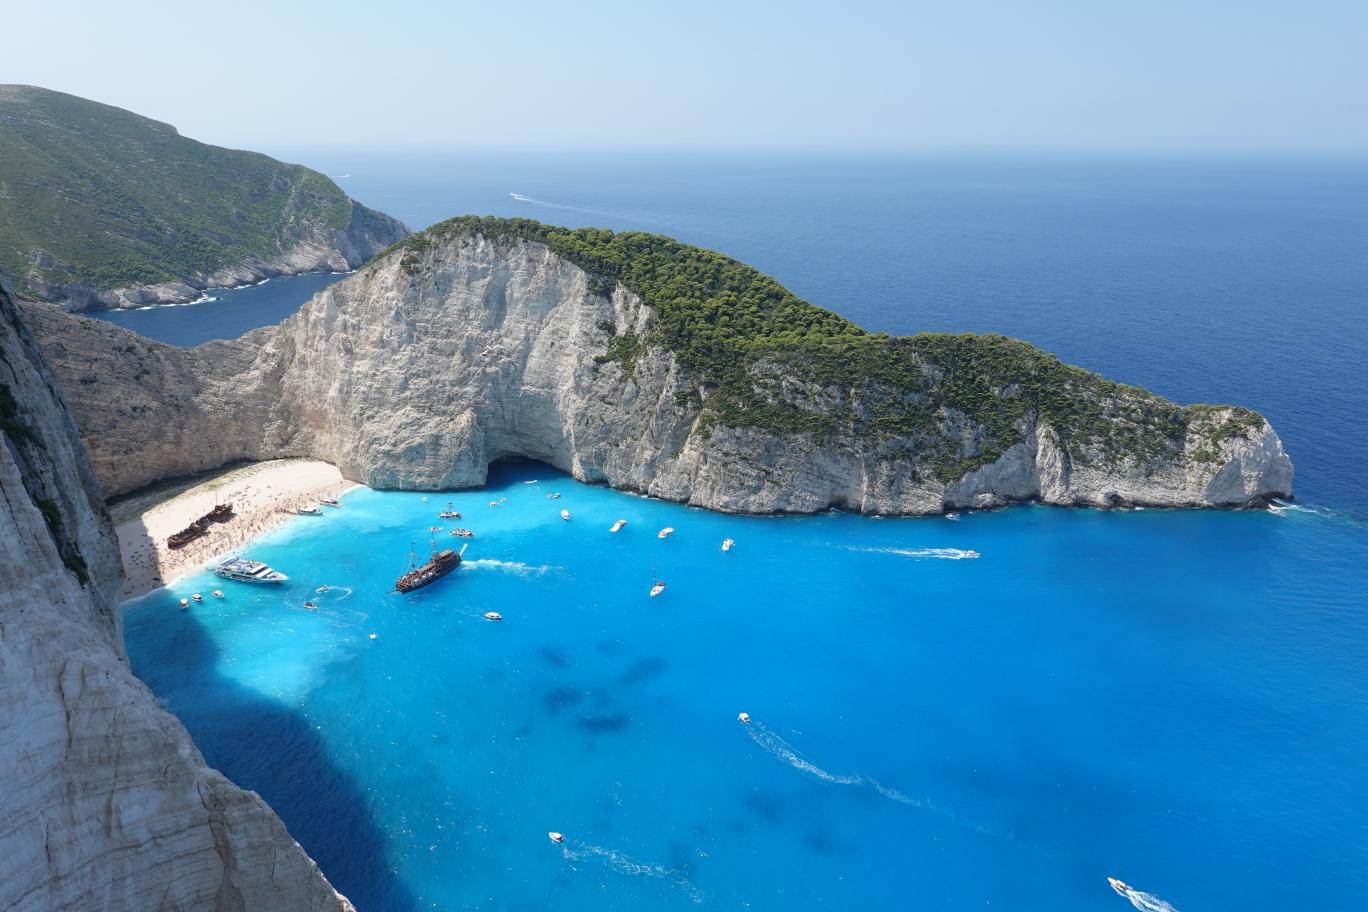 扎金索斯(2)-波查利山,xigia海滩,Makris海滩,沉船湾,蓝洞,海龟岛